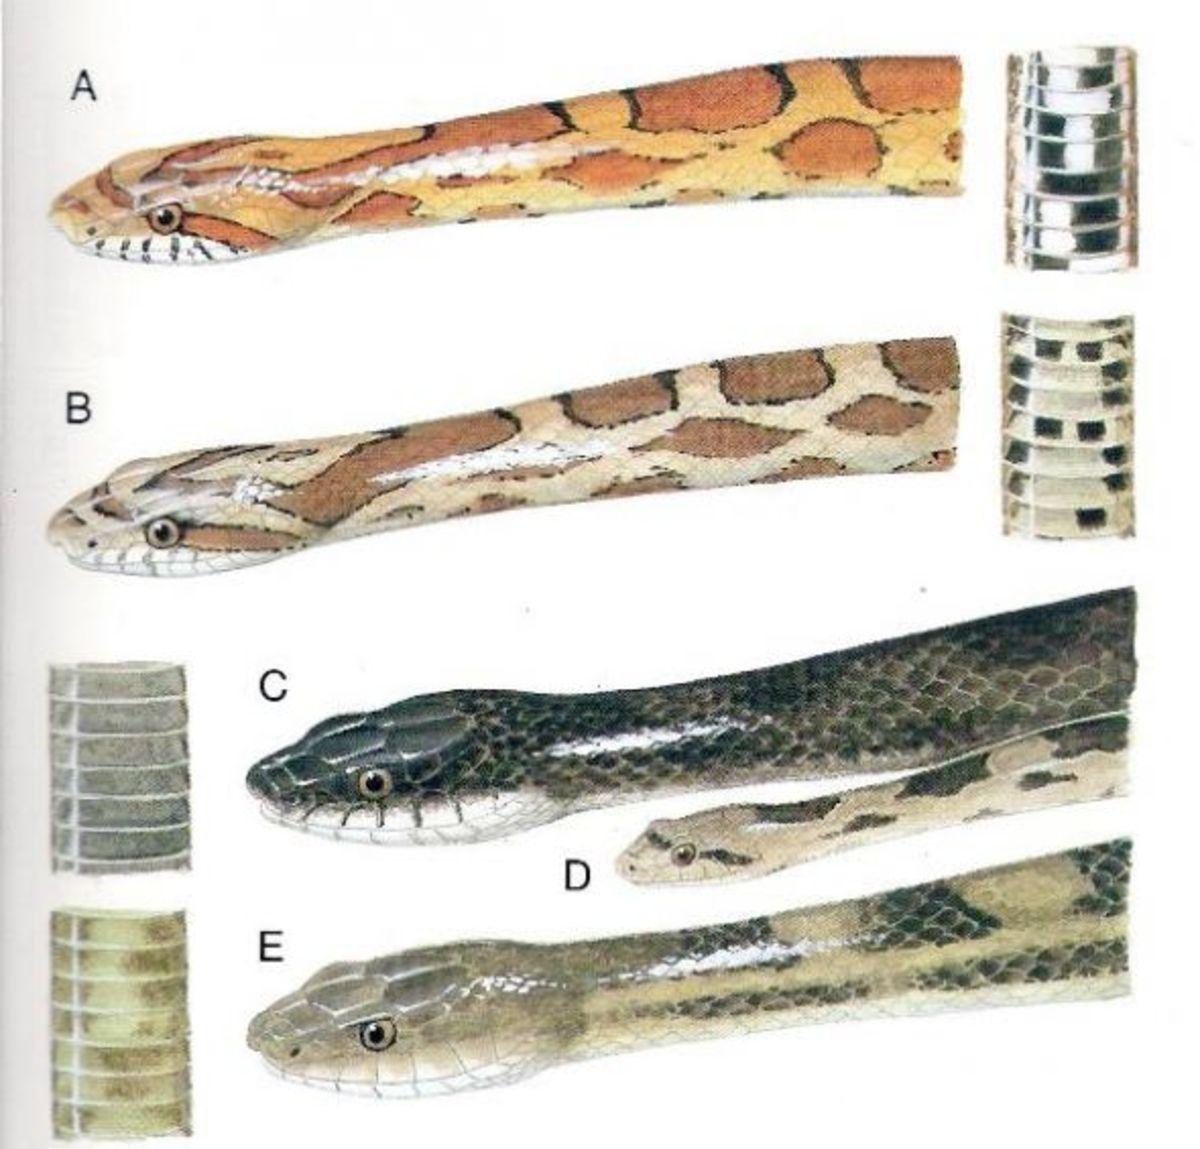 Louisiana Rat Snakes